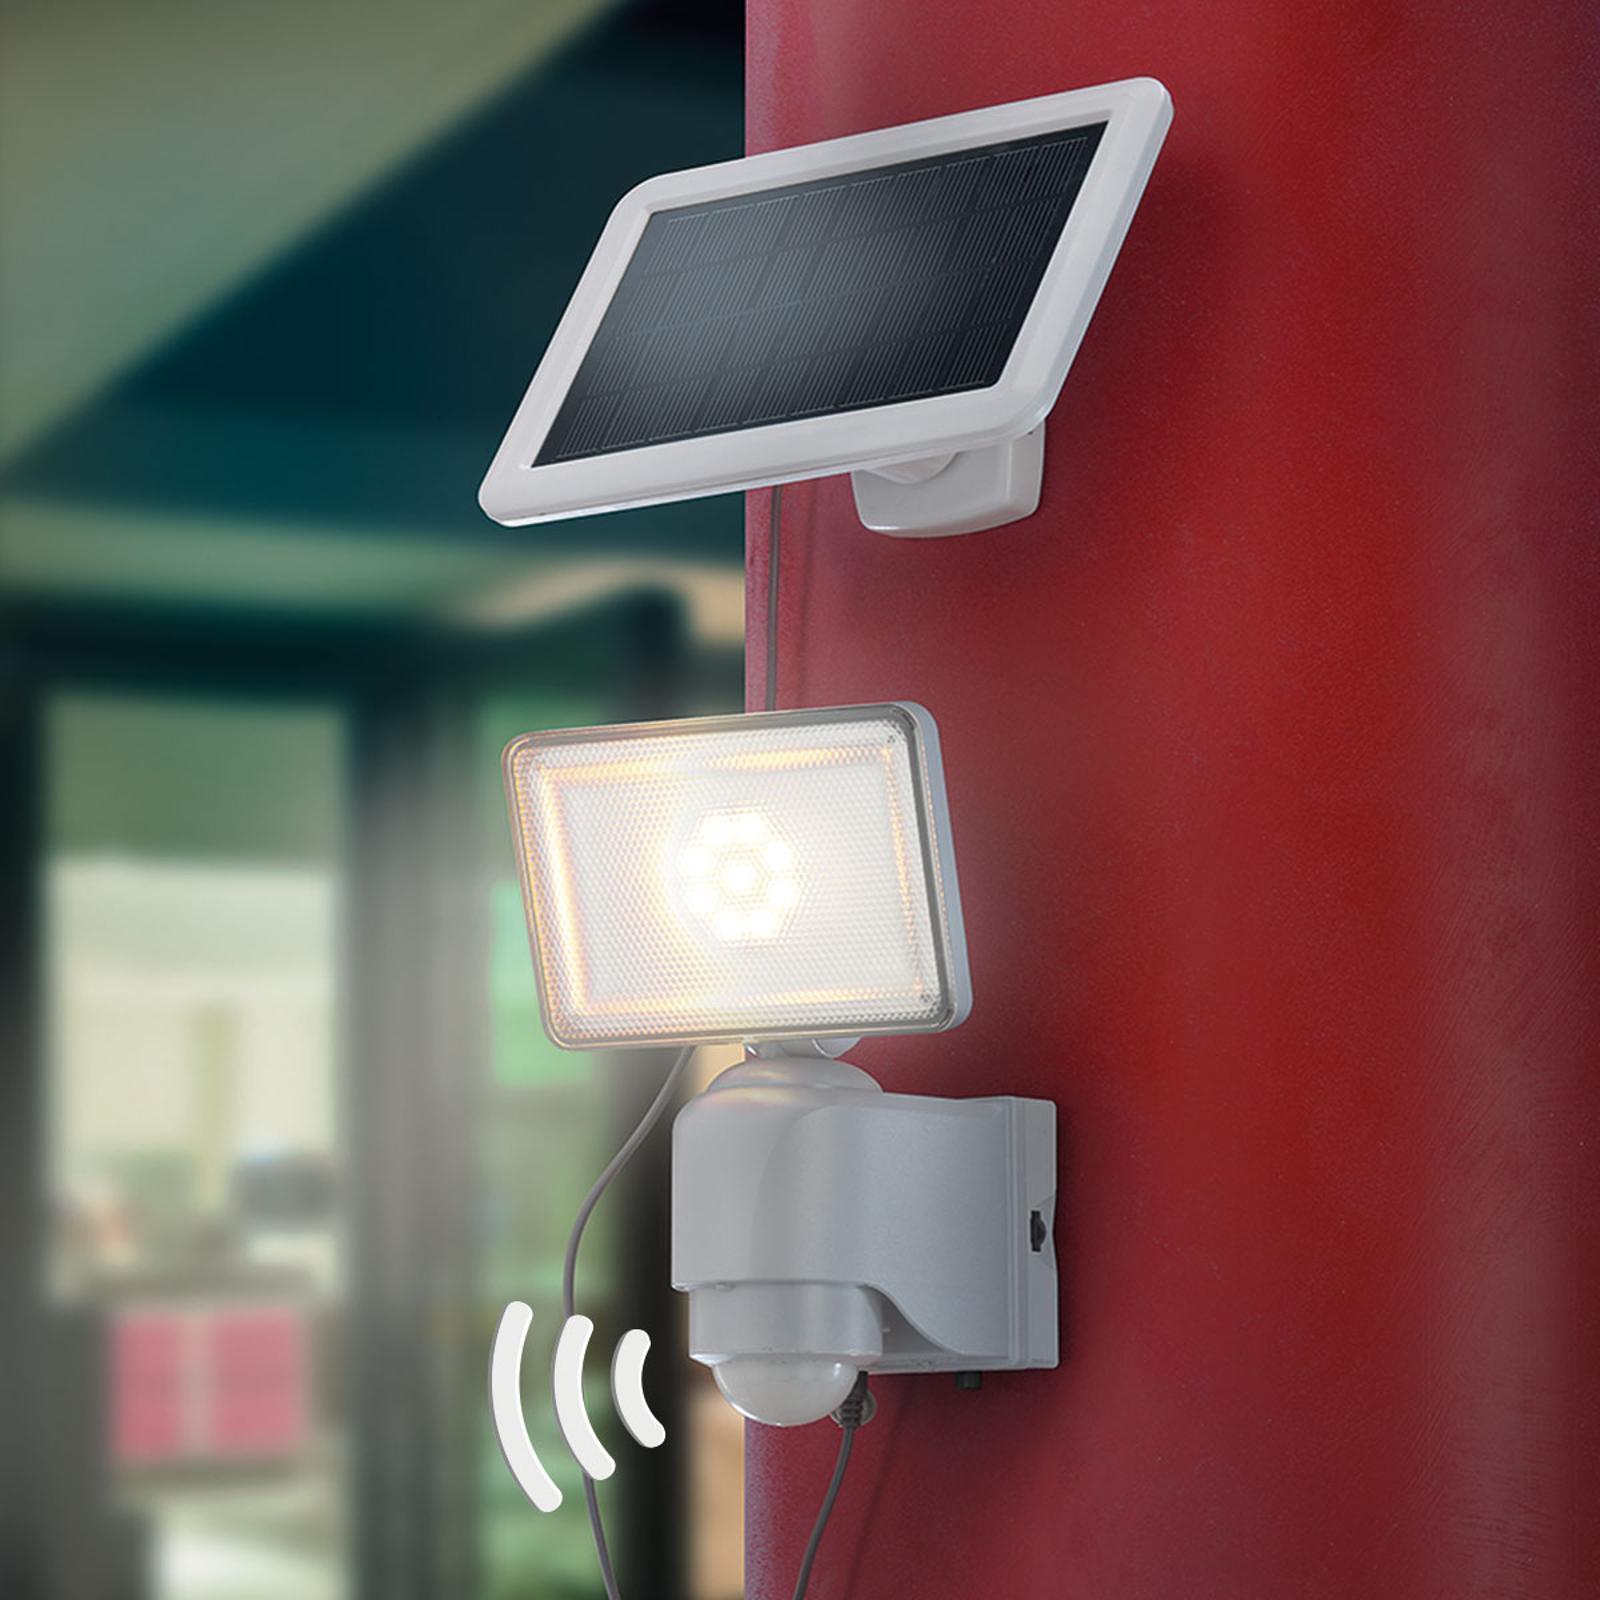 LED-Solar-Wandstrahler Power, 500 Lumen, IR-Sensor